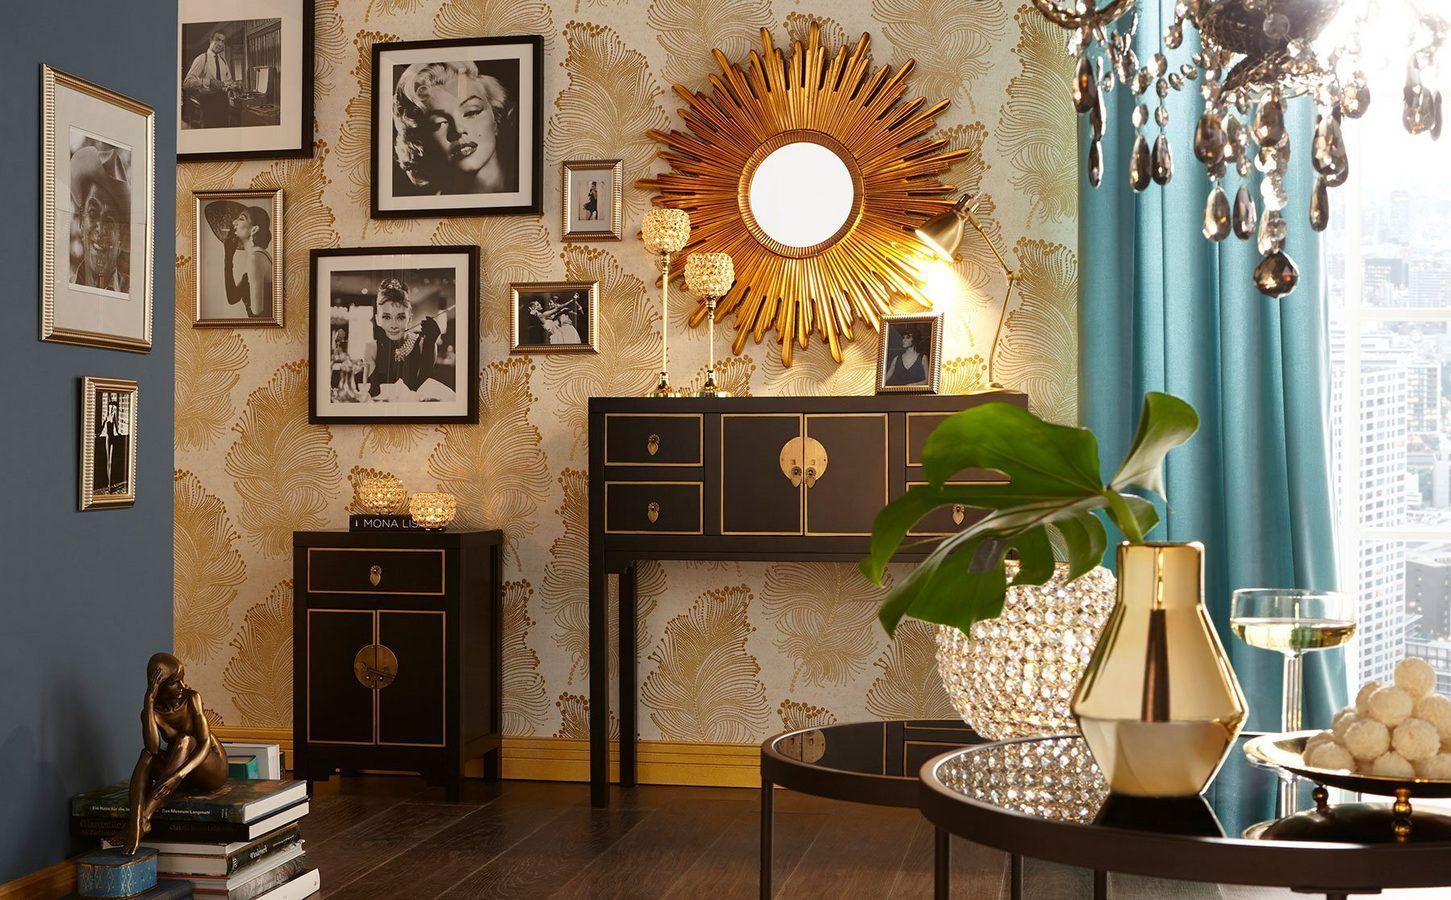 20er jahre glam golden 20ies k che einrichtung tisch und wohnideen. Black Bedroom Furniture Sets. Home Design Ideas